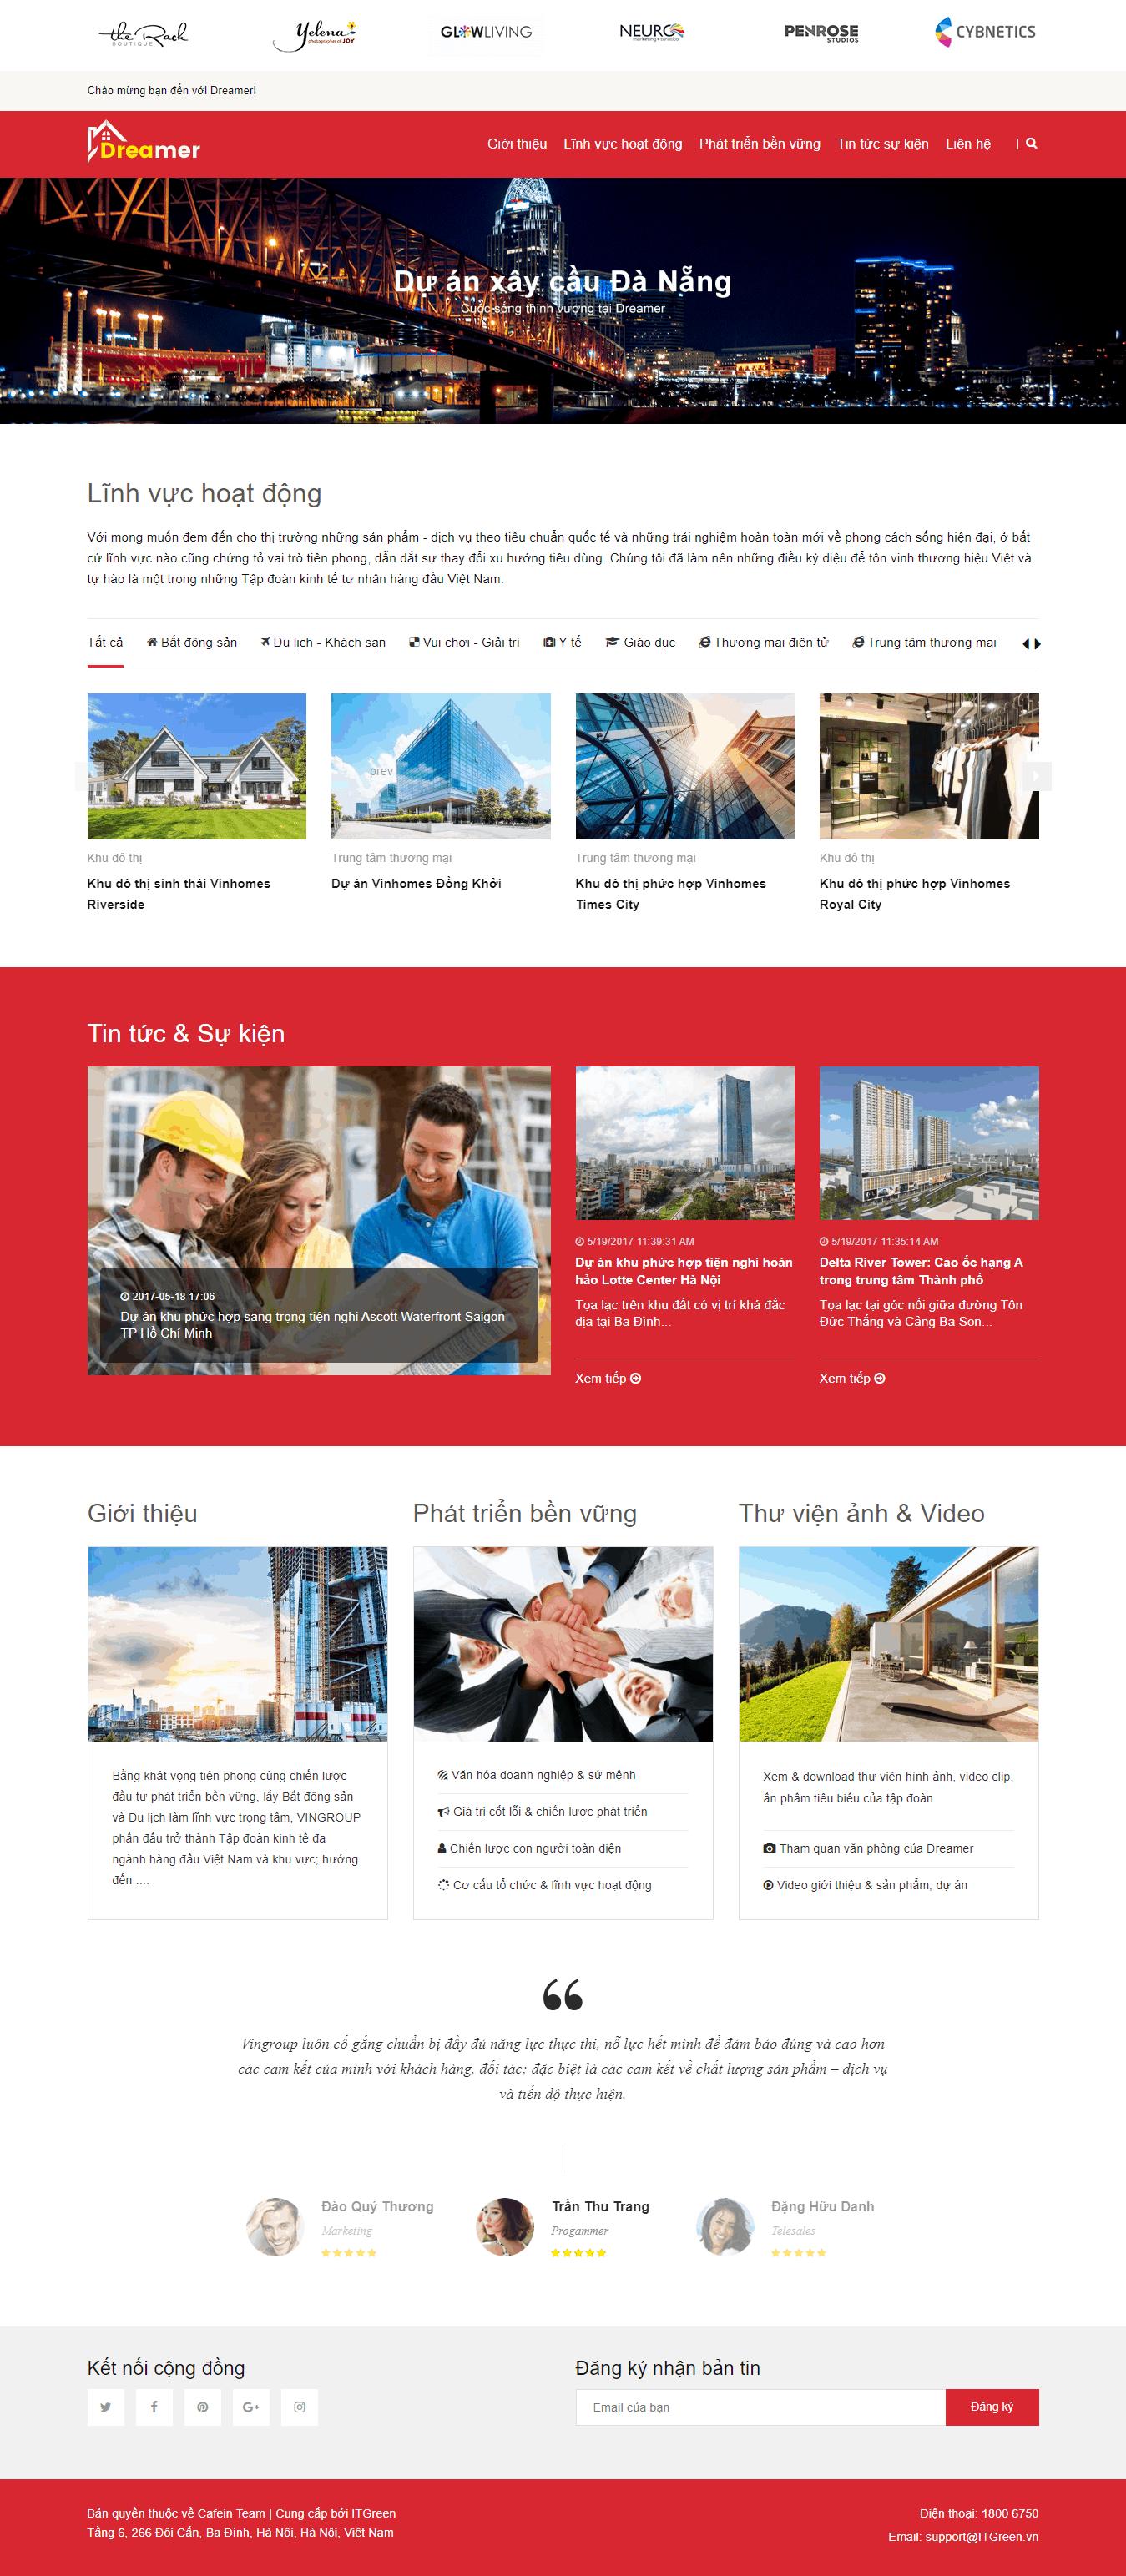 Thiết kế website Thiết kế website kiến trúc, nội thất, xây dựng Dreamer